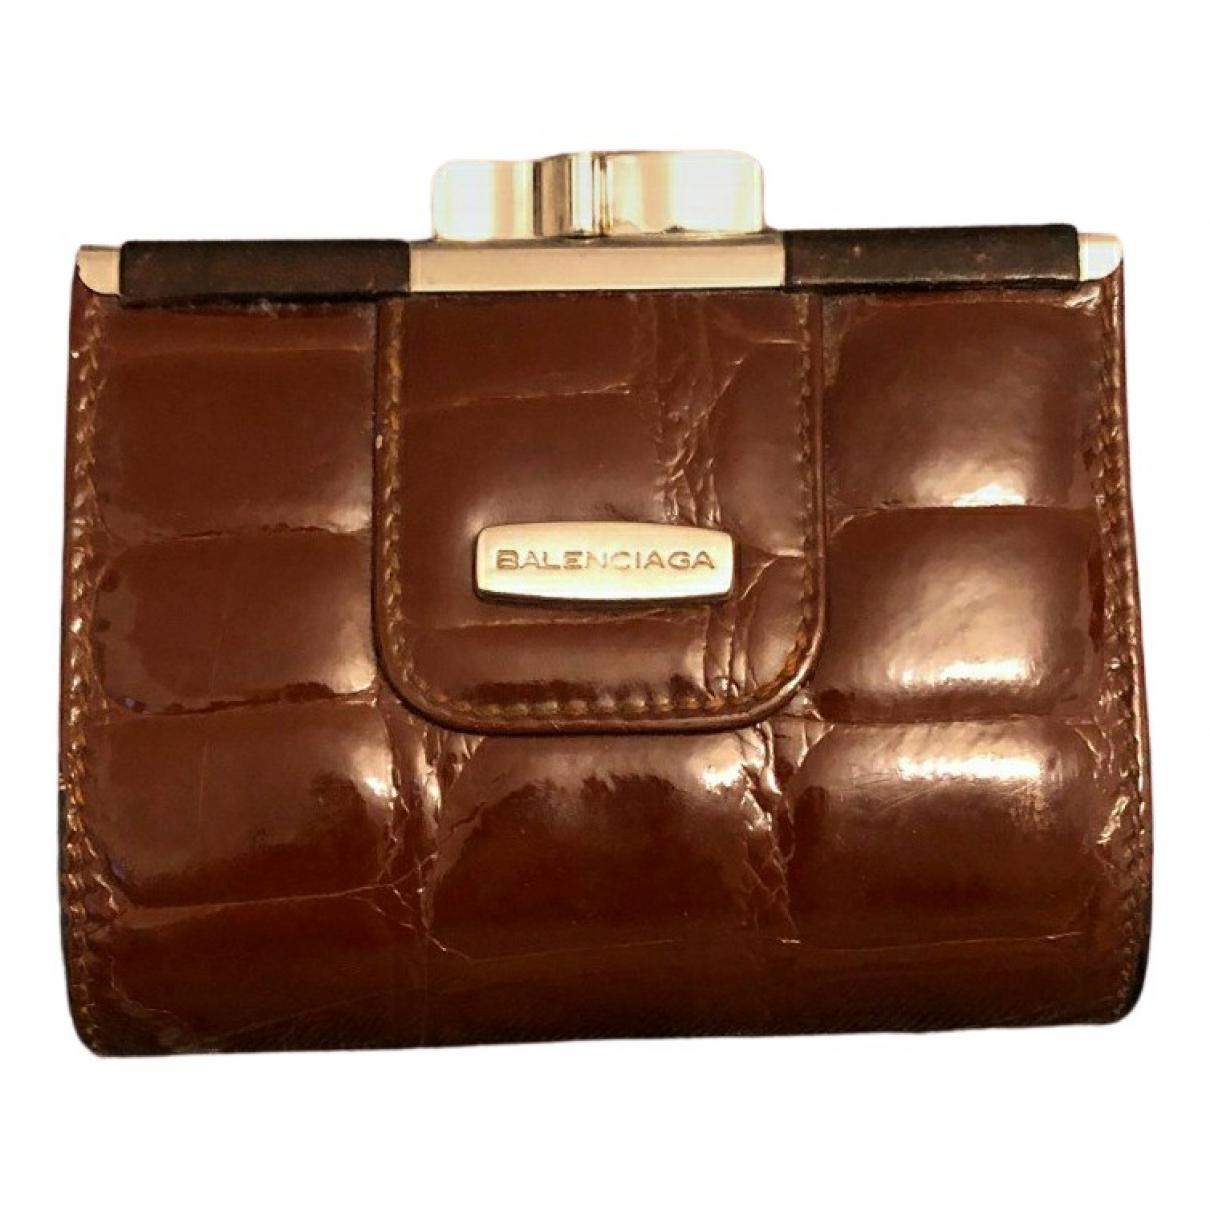 Balenciaga - Portefeuille   pour femme en cuir verni - marron